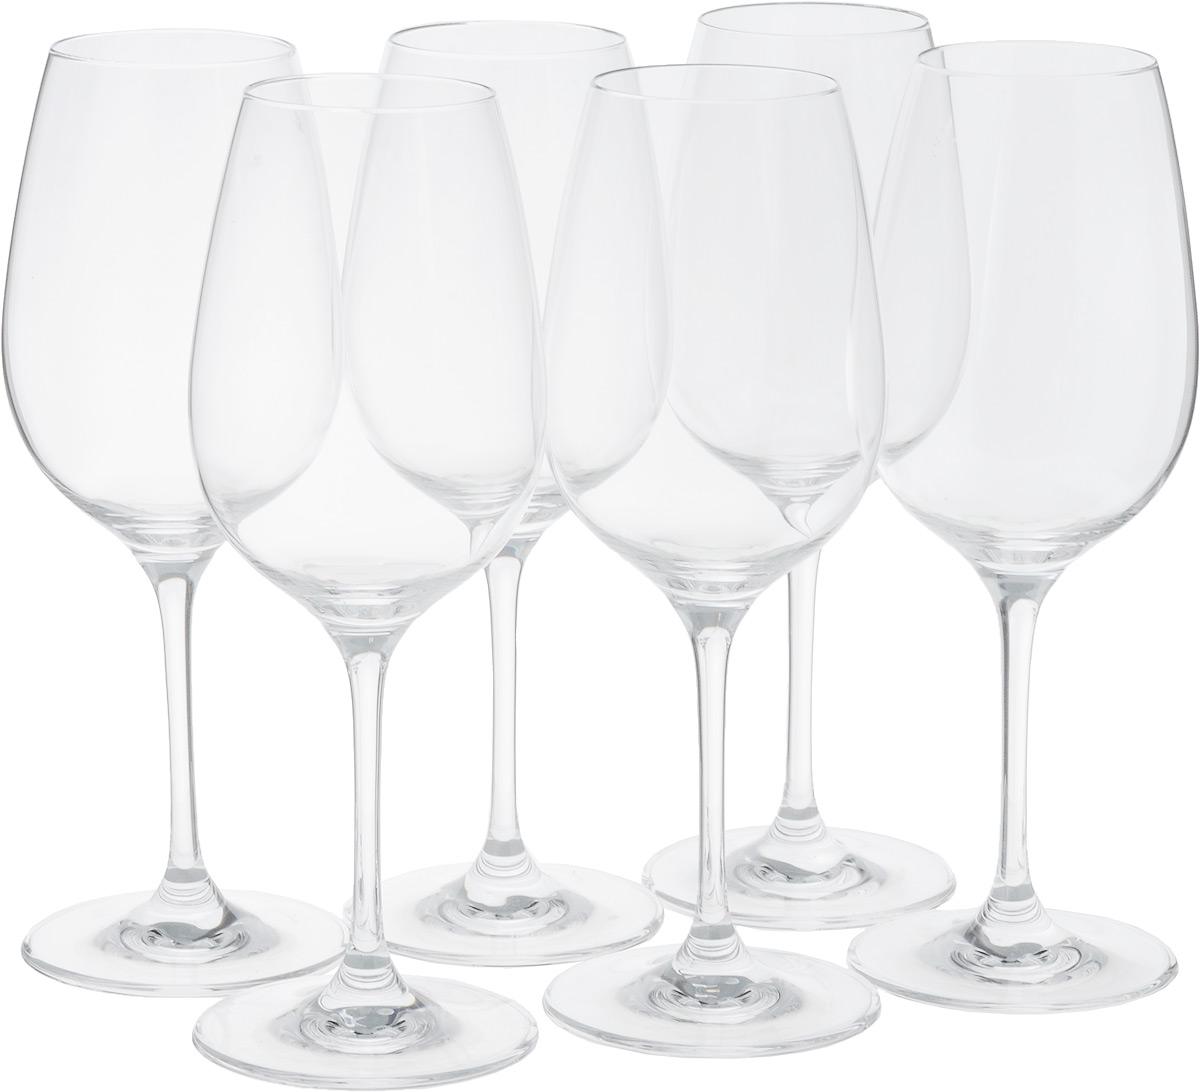 Набор бокалов для красного вина Tescoma Sommelier, 450 мл, 6шт695842Набор Tescoma Sommelier состоит из 6 бокалов, выполненных из прочного натрий-кальций-силикатного стекла. Изделия оснащены высокими ножками и предназначены для подачи красного вина. Они сочетают в себе элегантный дизайн и функциональность. Набор бокалов Tescoma Sommelier прекрасно оформит праздничный стол и создаст приятную атмосферу за романтическим ужином. Такой набор также станет хорошим подарком к любому случаю. Можно мыть в посудомоечной машине.Высота бокала: 22,5 см.Диаметр бокала (по верхнему краю): 5,5 см.